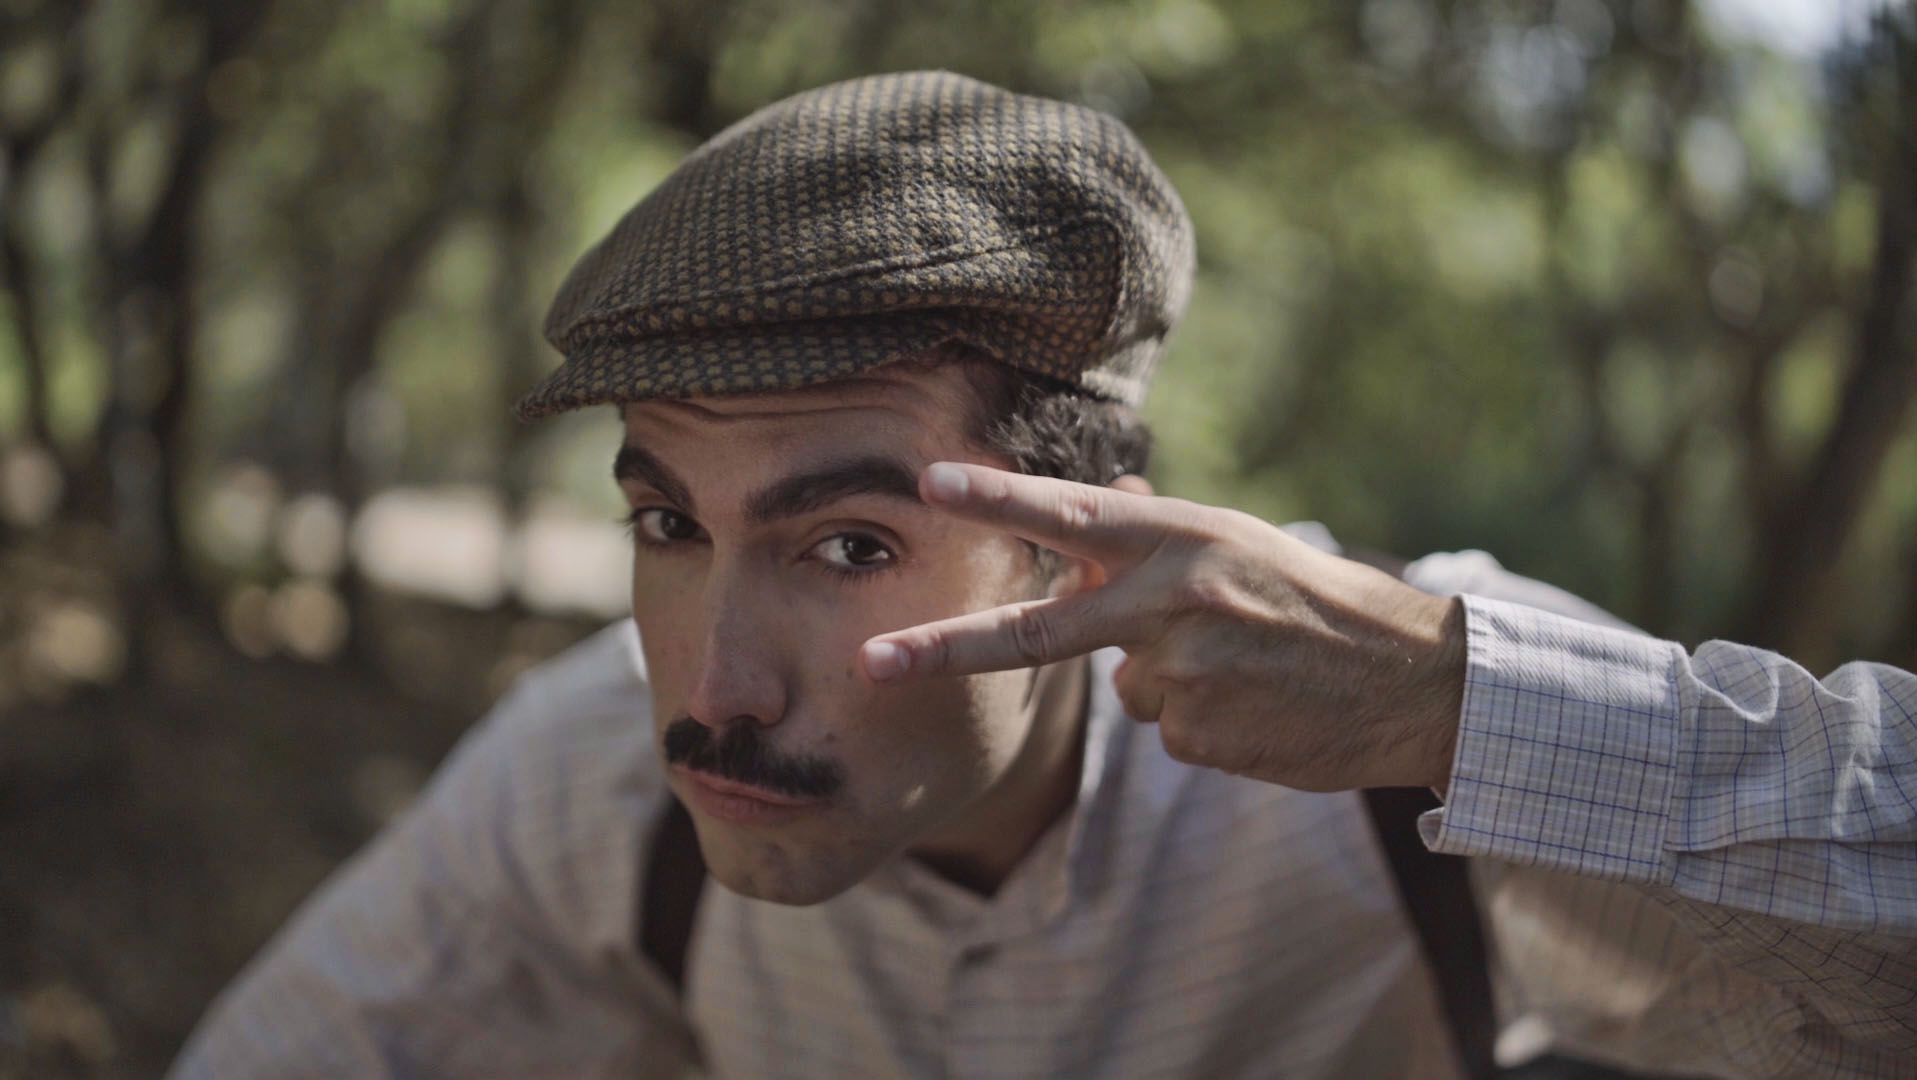 The Young Paco (David García Ahumada)